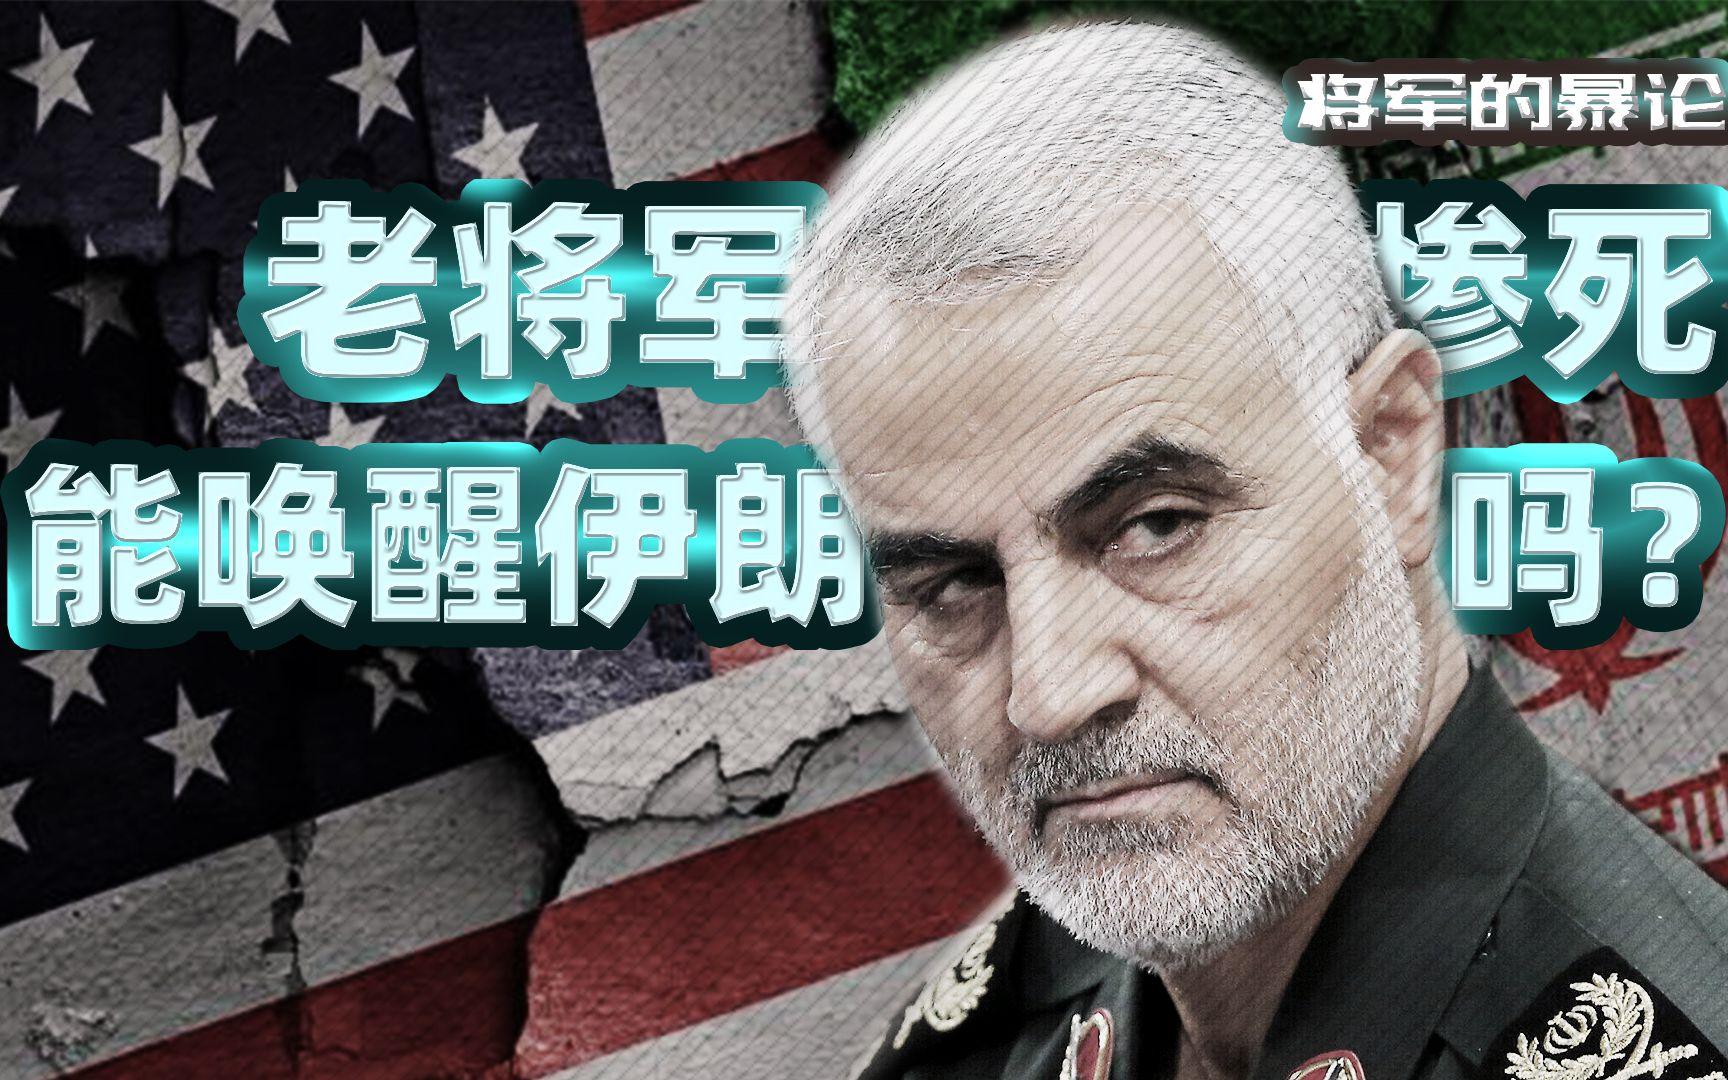 军事资讯_将军的暴论:美国刺杀苏莱曼尼 ,老将军惨死能唤醒伊朗吗 ...